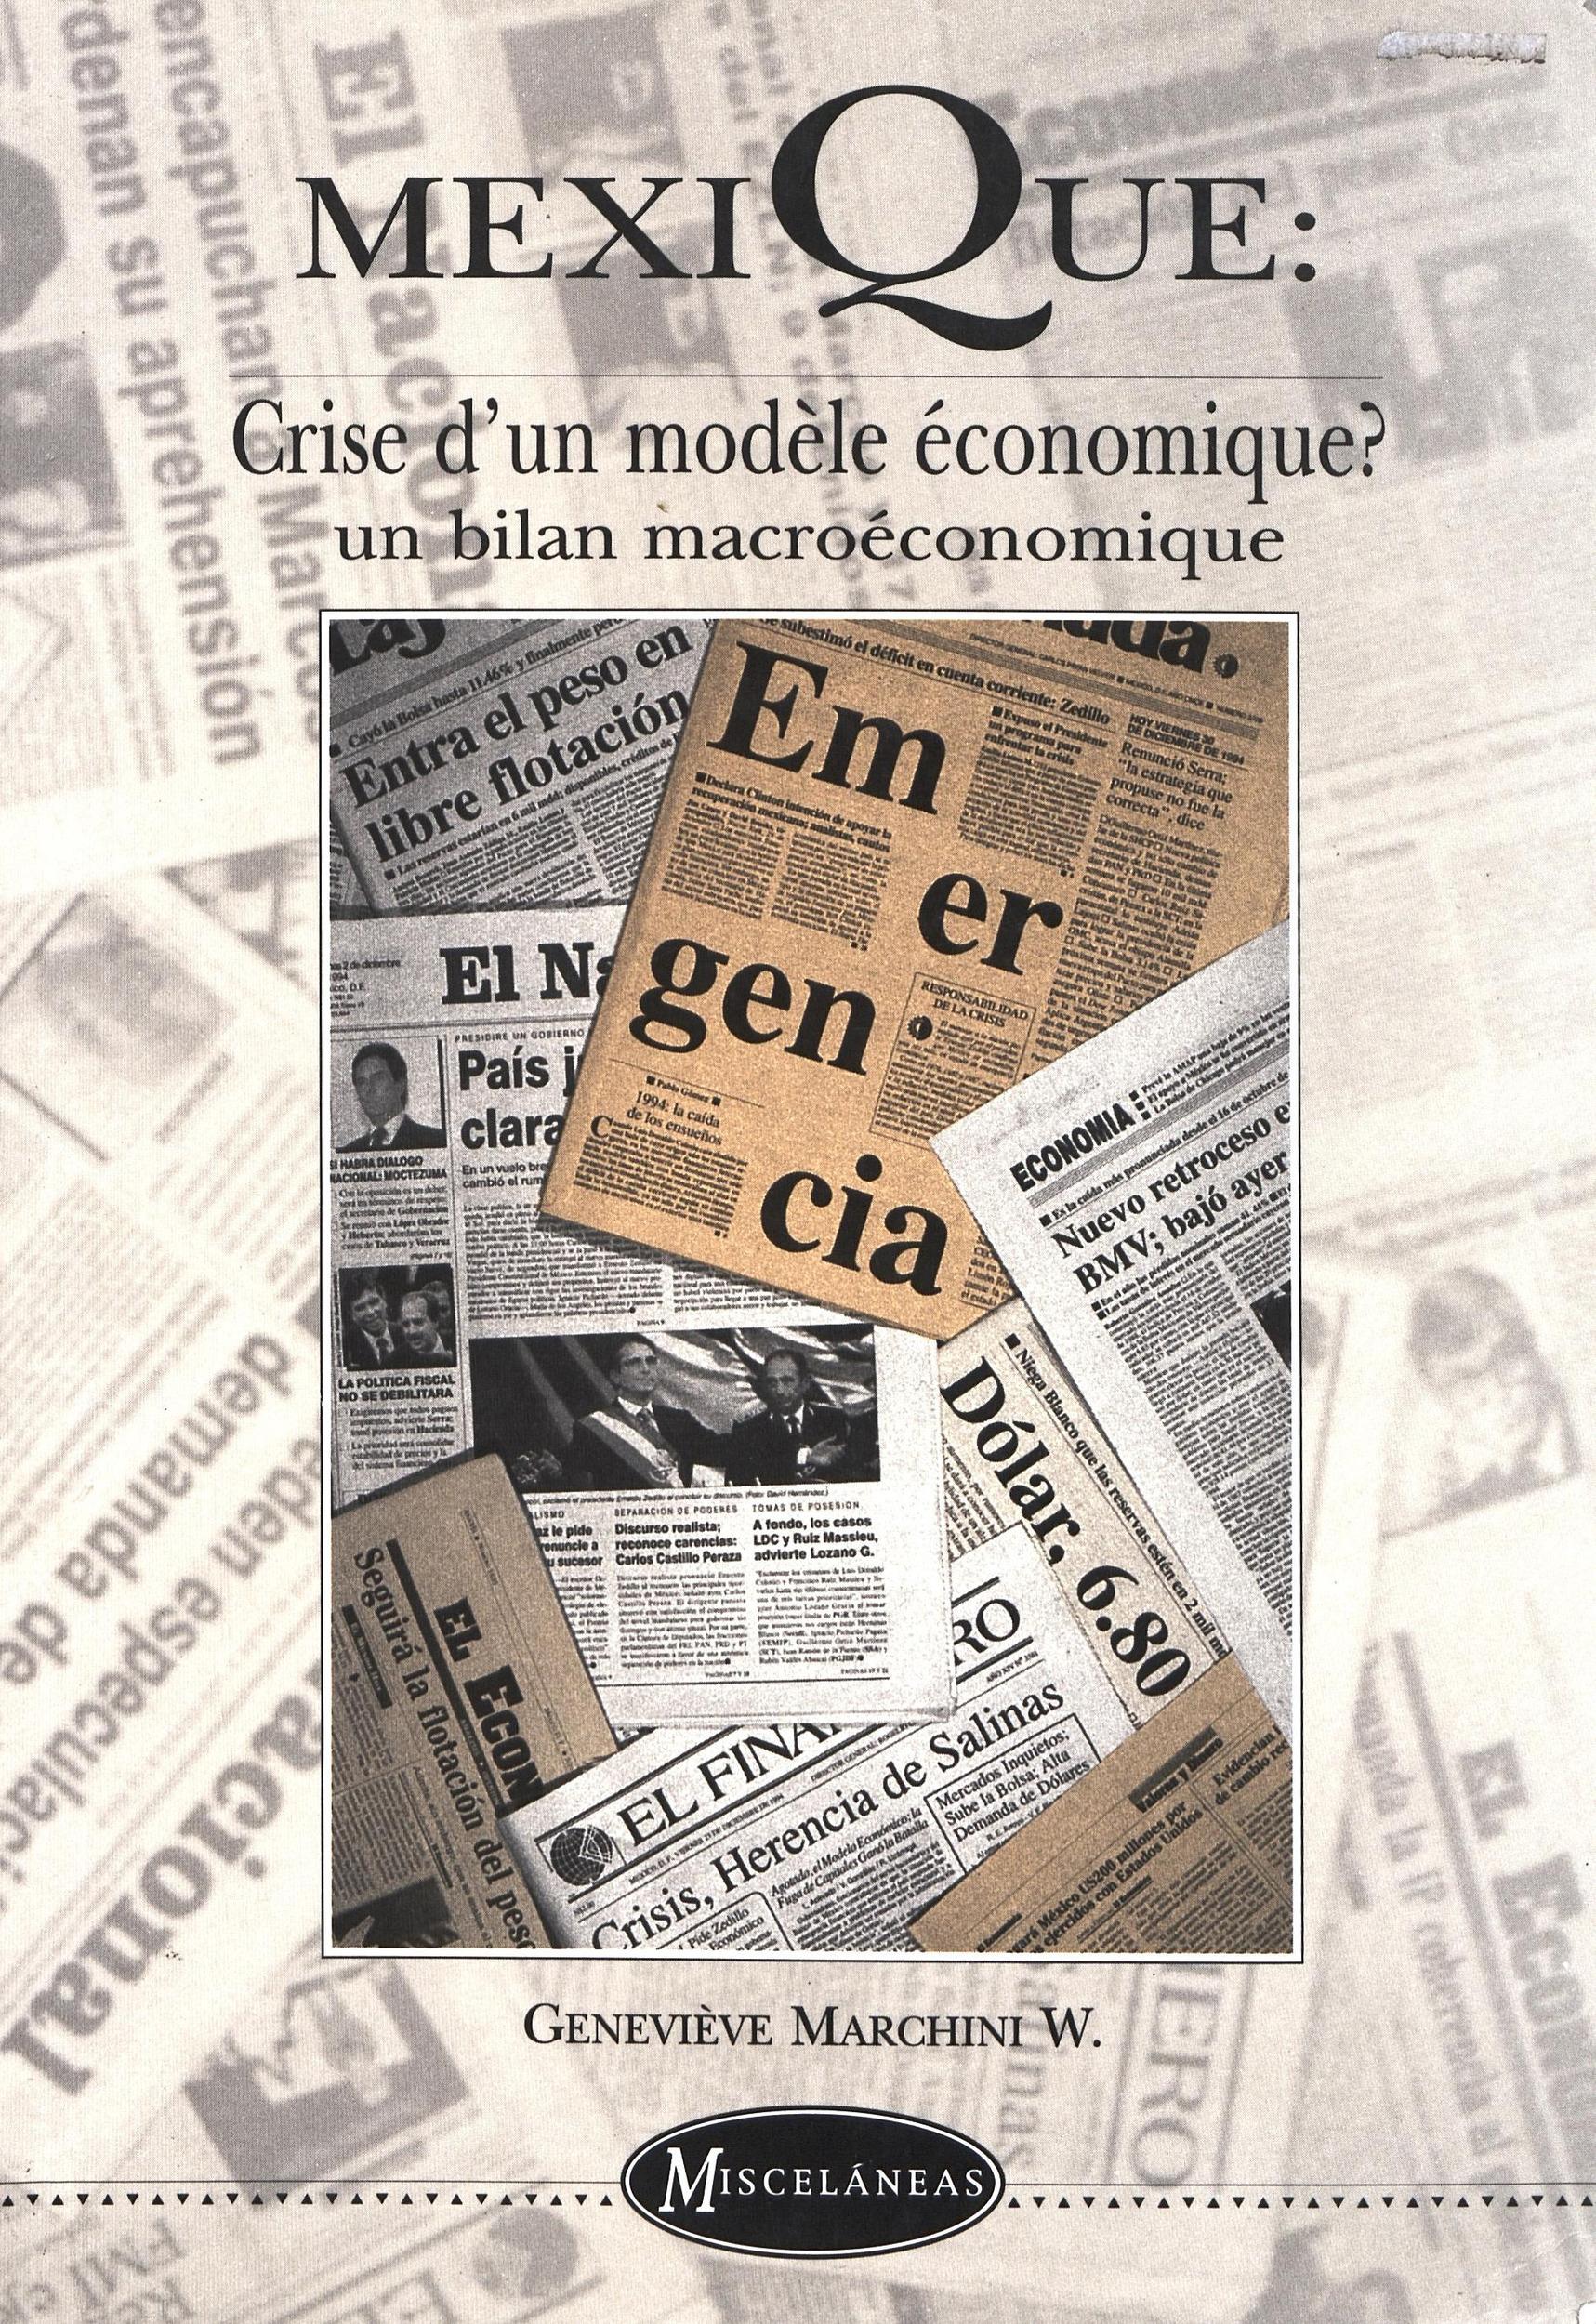 Mexique: crise d'un modèle économique?